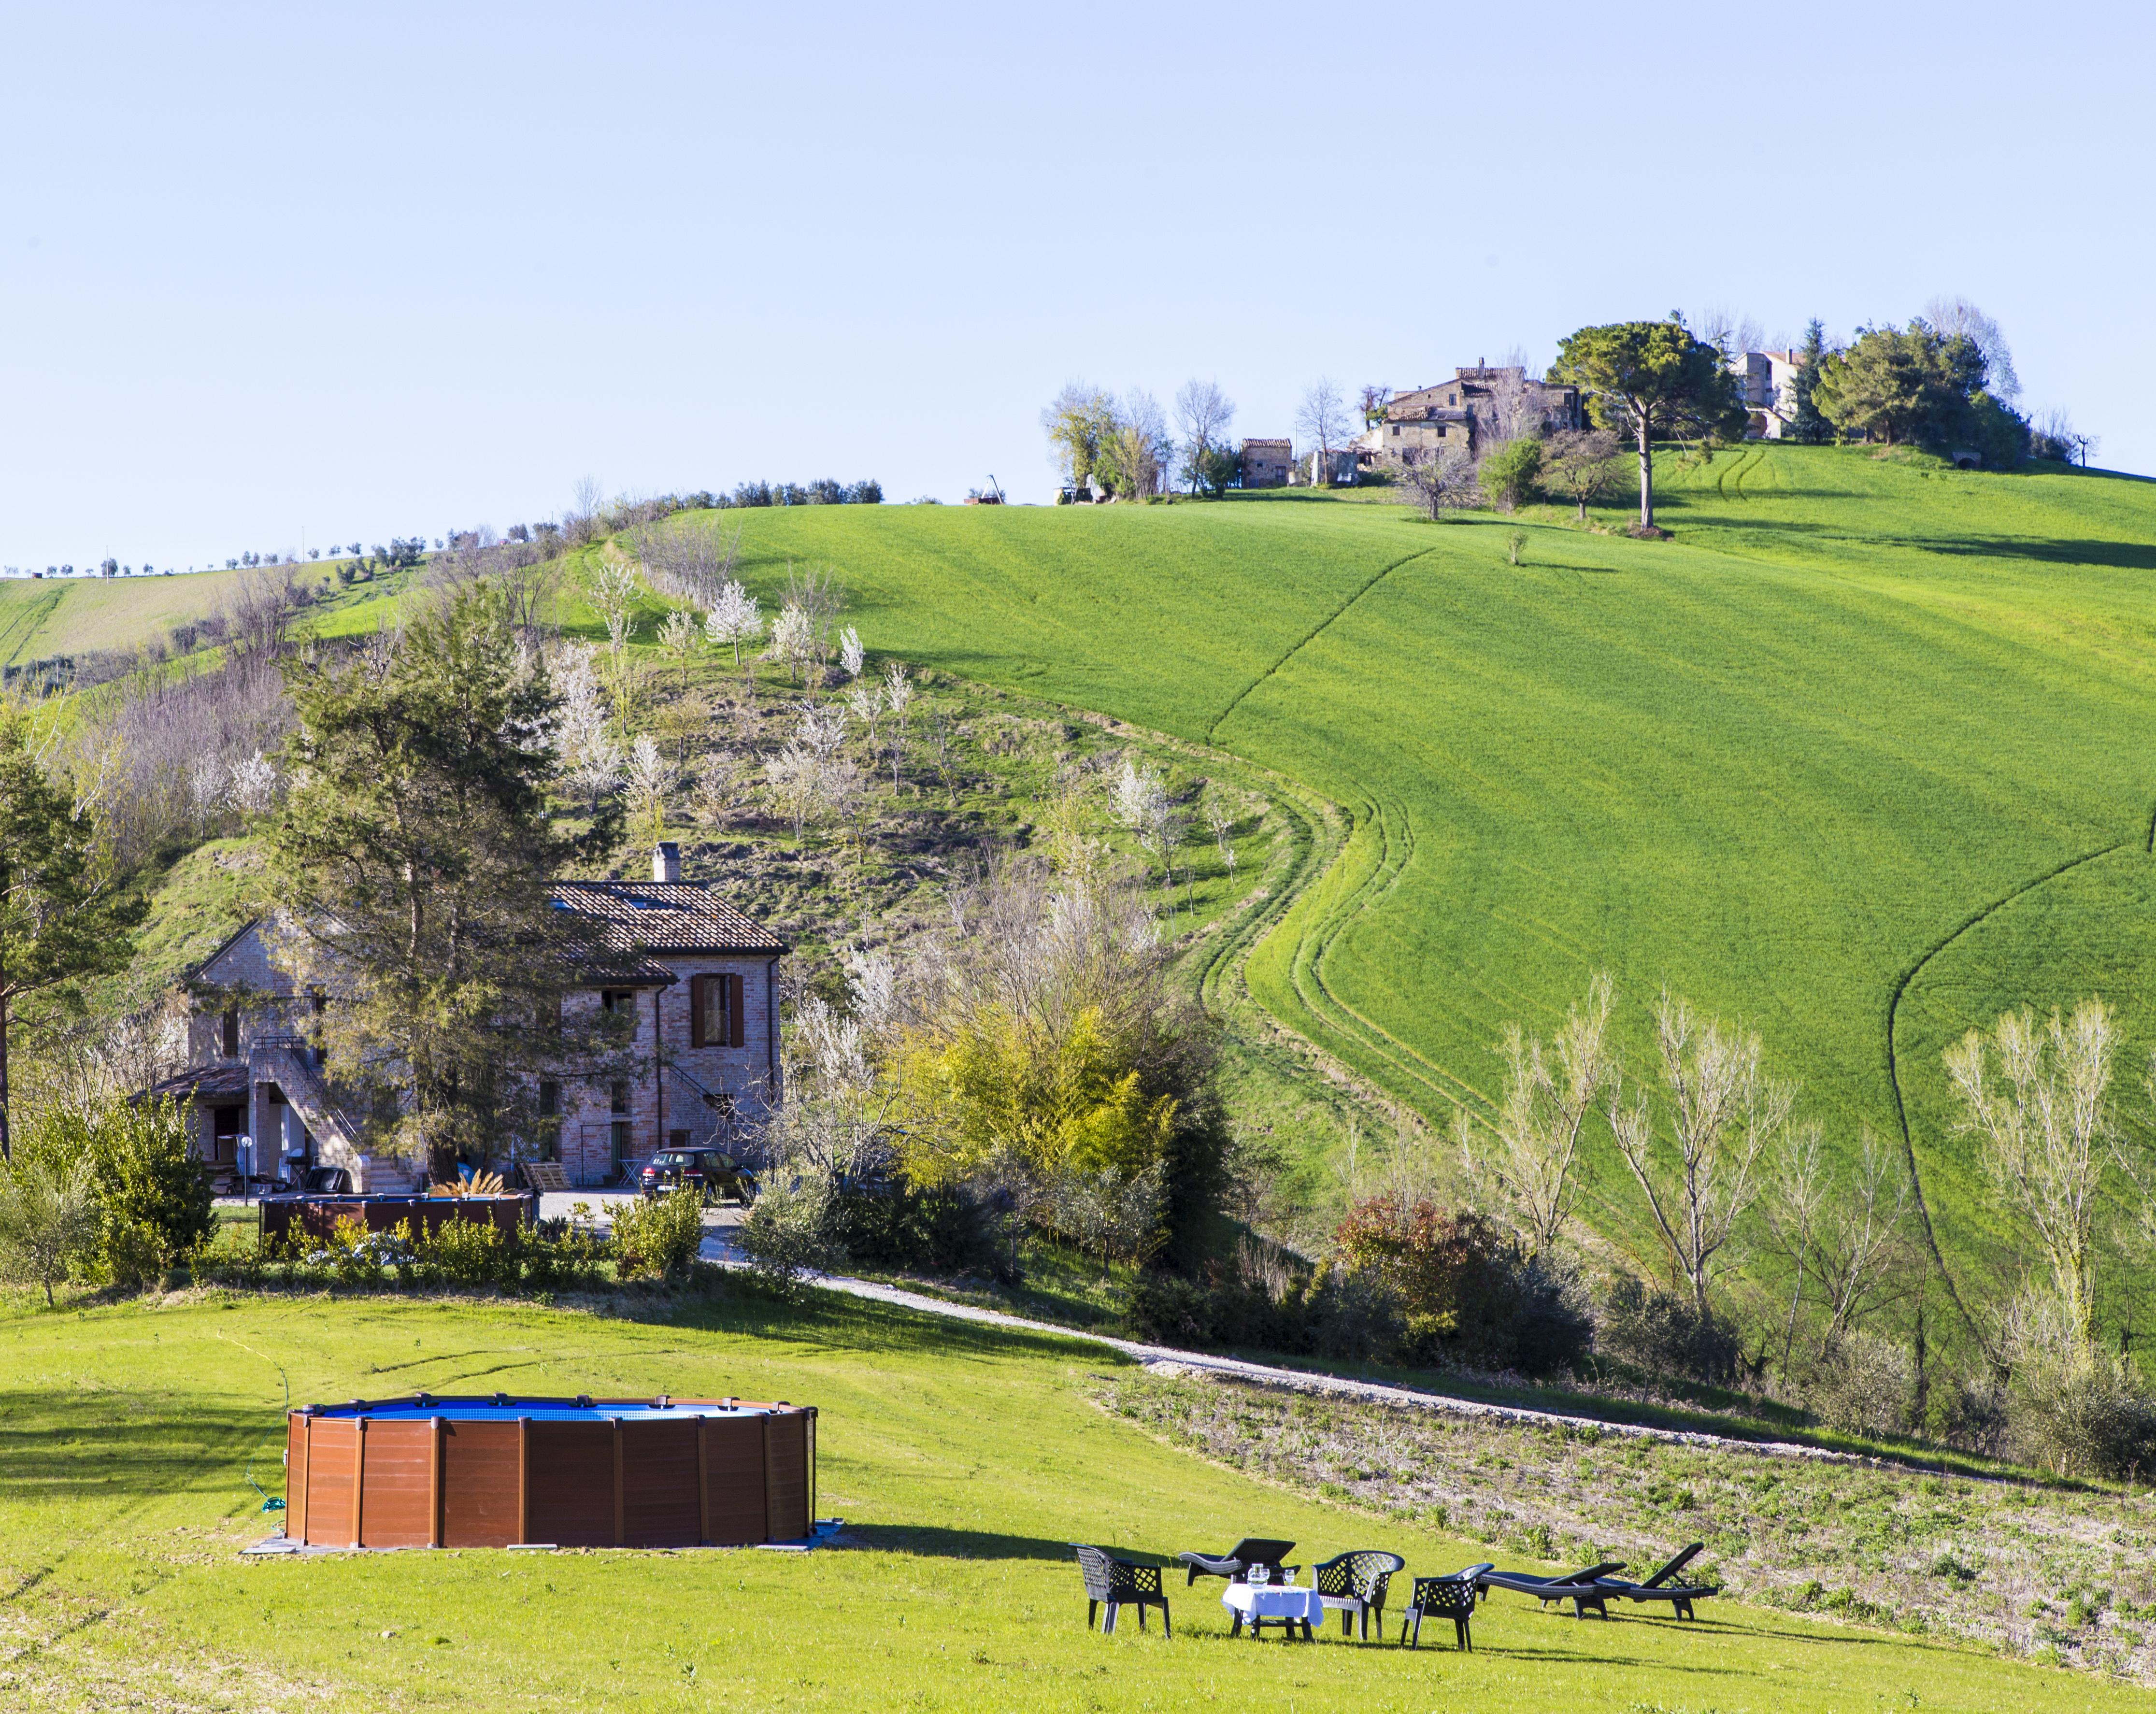 Ferienwohnung Il Casale di Giovanna - Lavender (2124914), San Venanzo, Ascoli Piceno, Marken, Italien, Bild 1